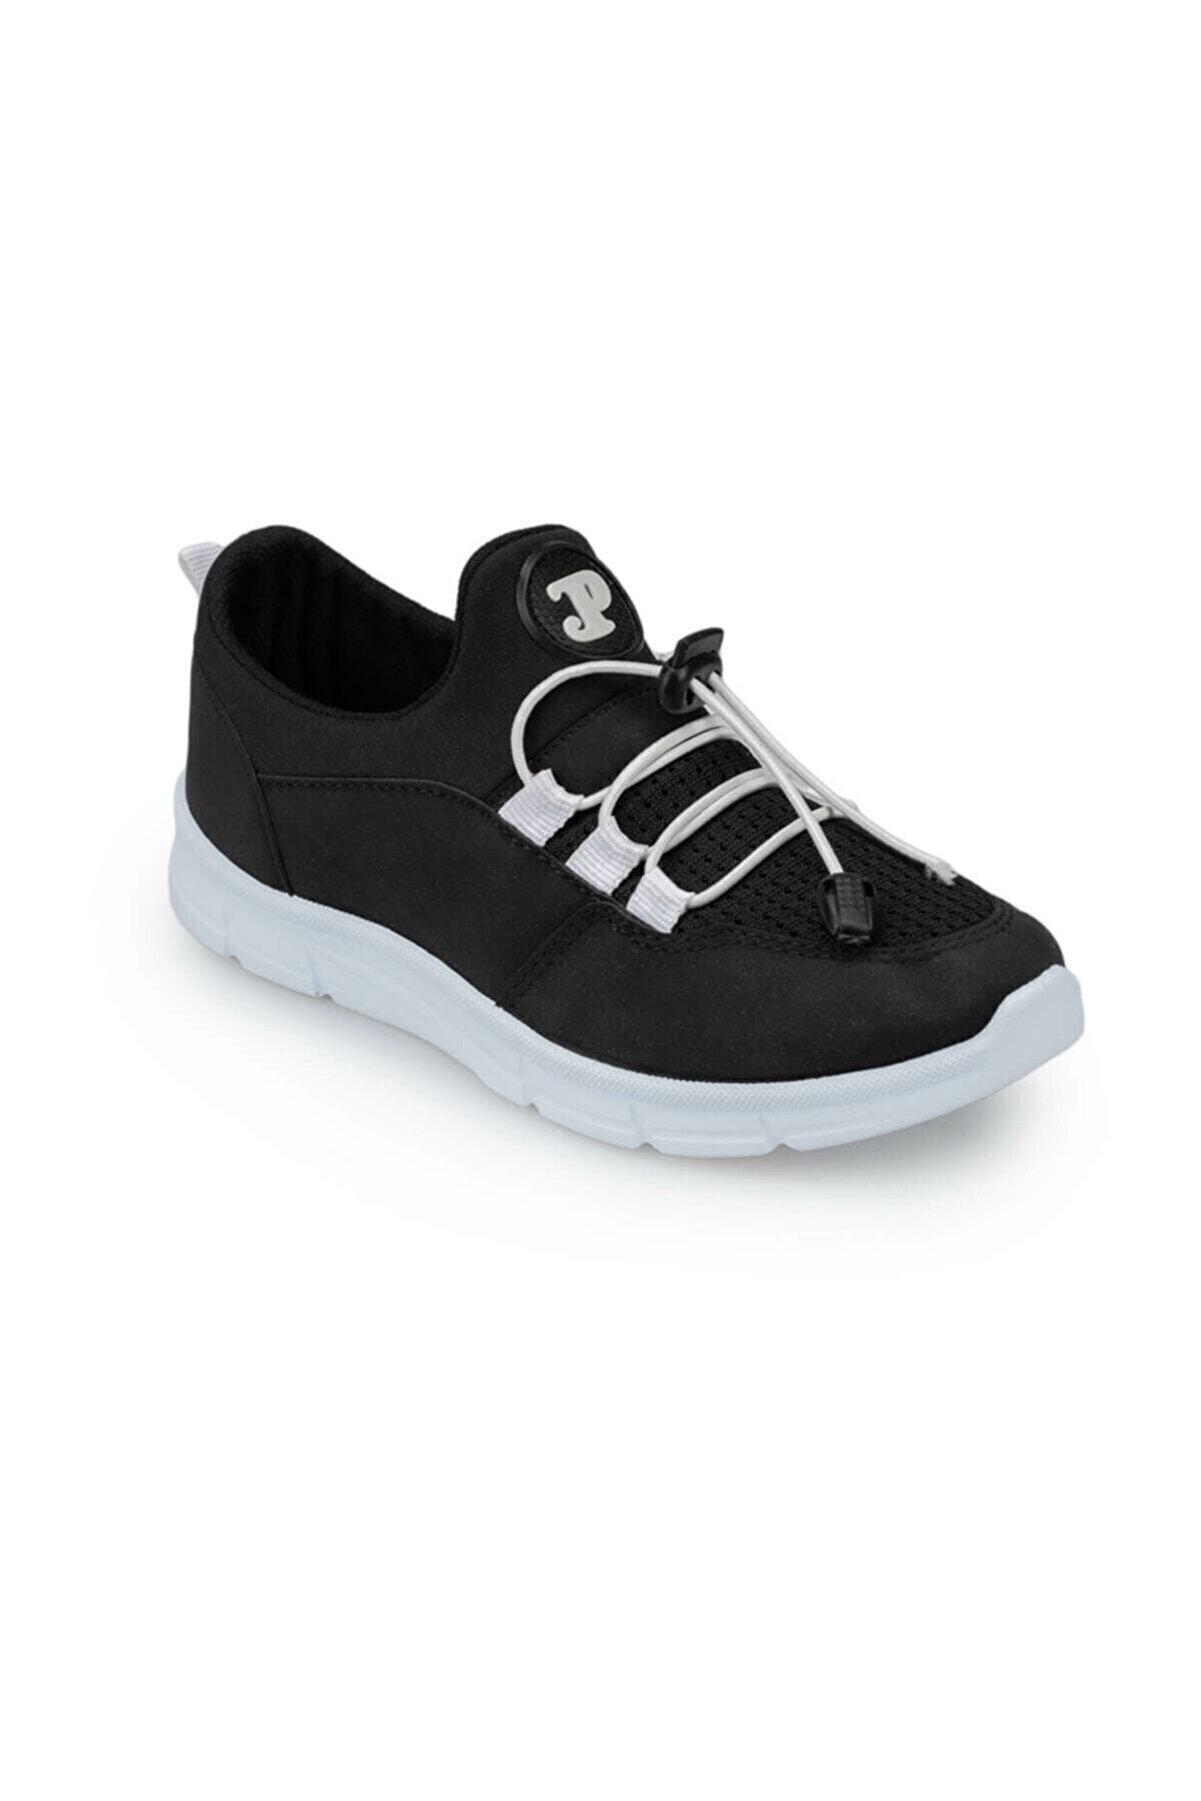 Polaris 91.511205.f Siyah Erkek Çocuk Yürüyüş Ayakkabısı 100368324